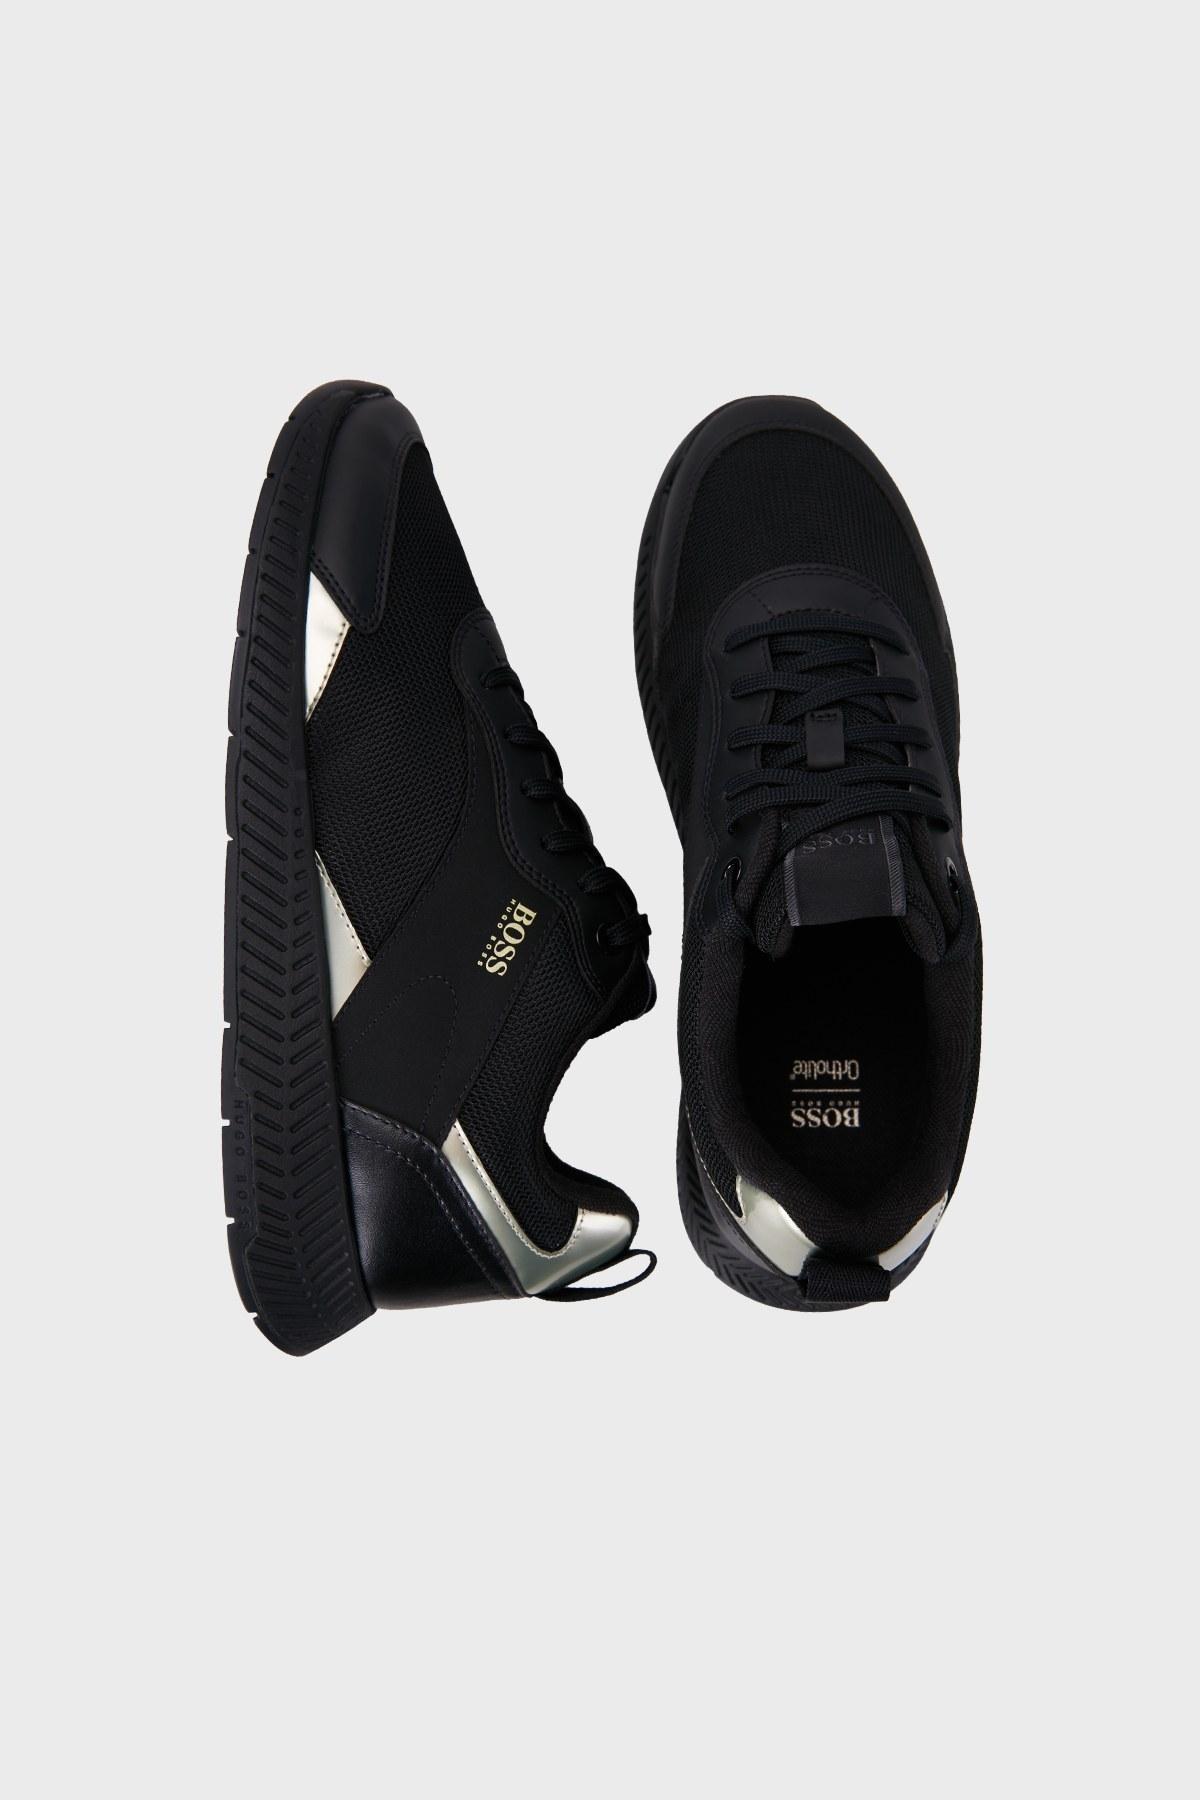 Hugo Boss Logolu Casual Erkek Ayakkabı 50459904 007 SİYAH